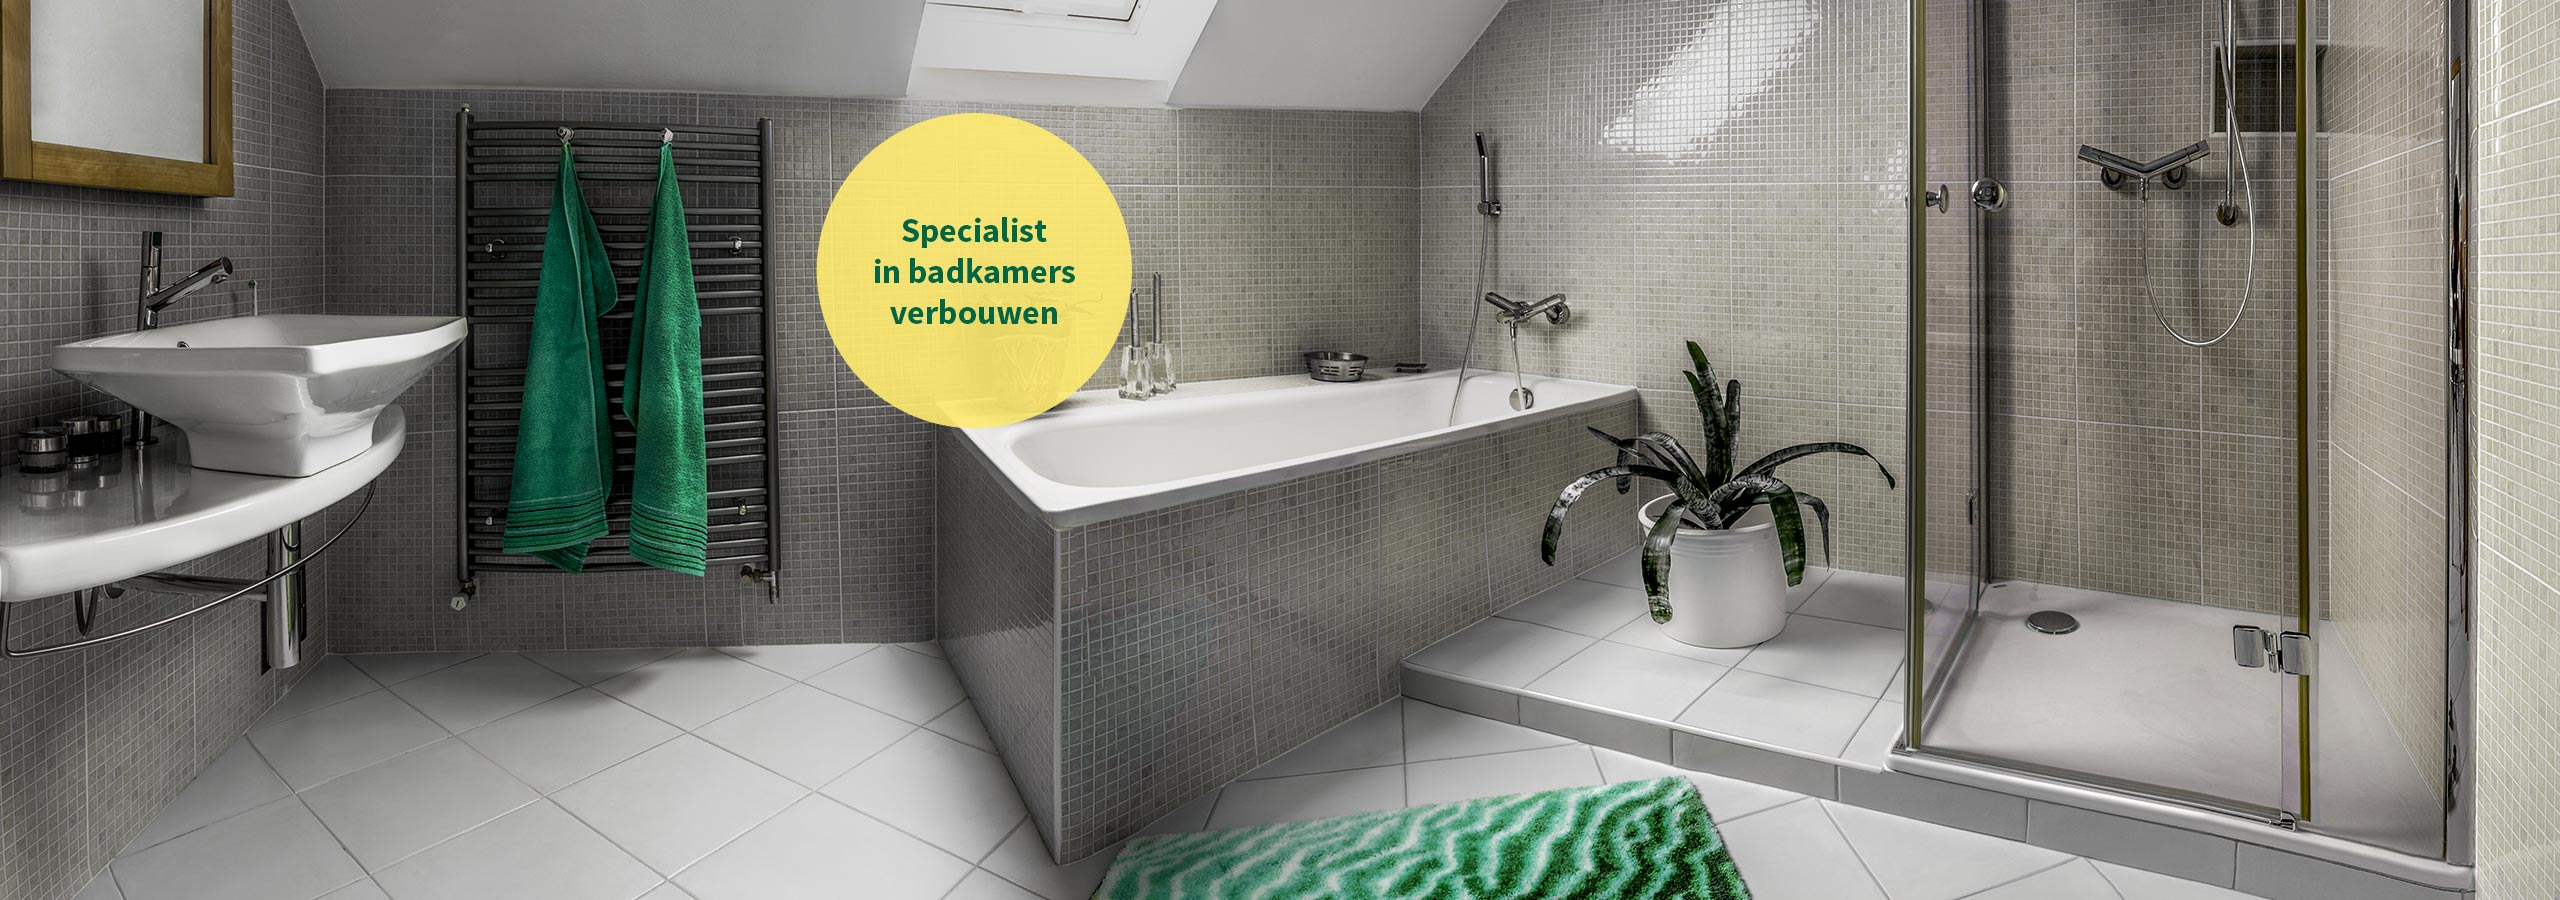 Badkamer verbouwen door de installateur uit Dordrecht